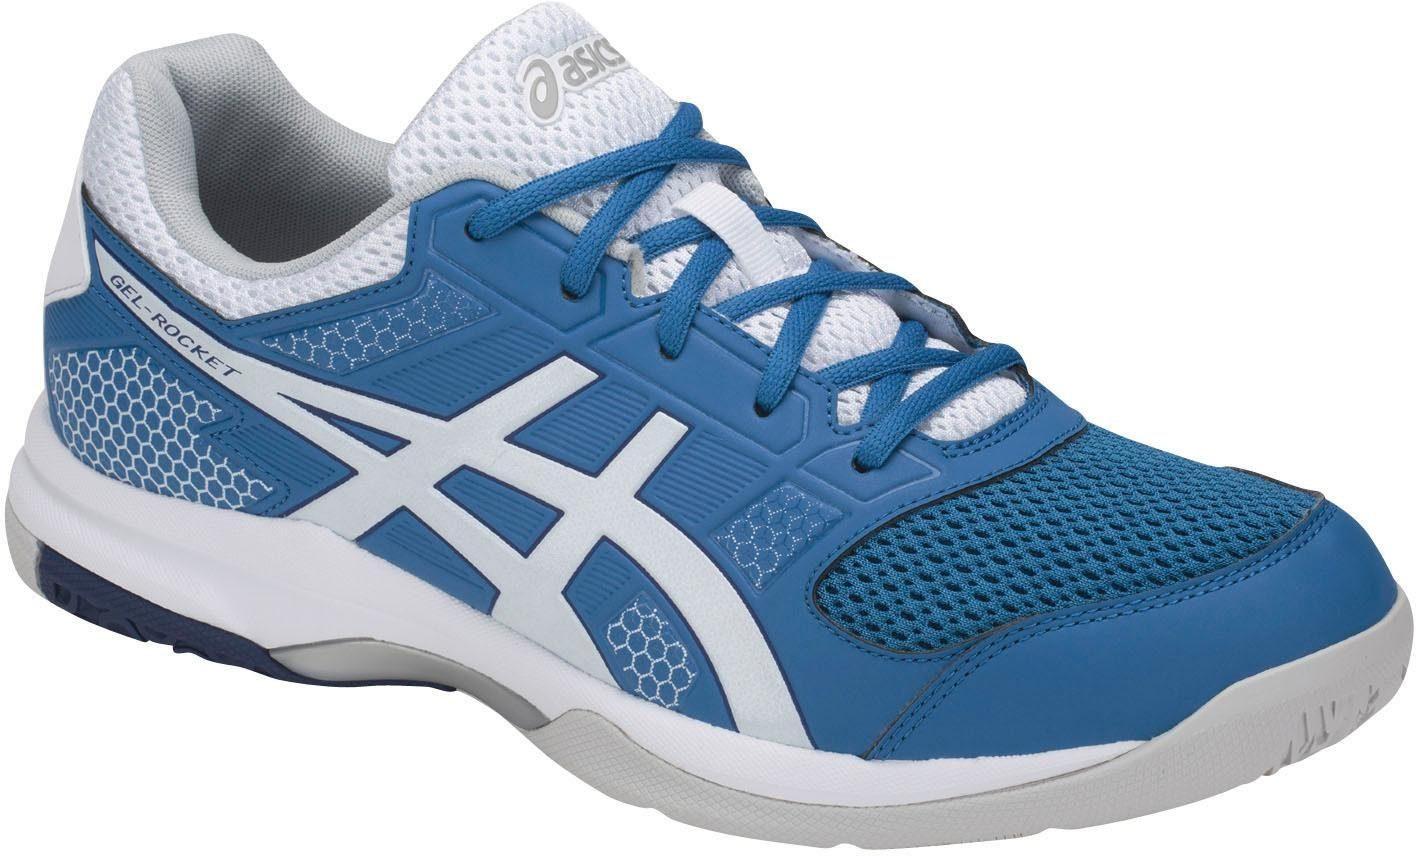 Asics GEL-ROCKET 8 Indoorschuh online kaufen  blau-weiß